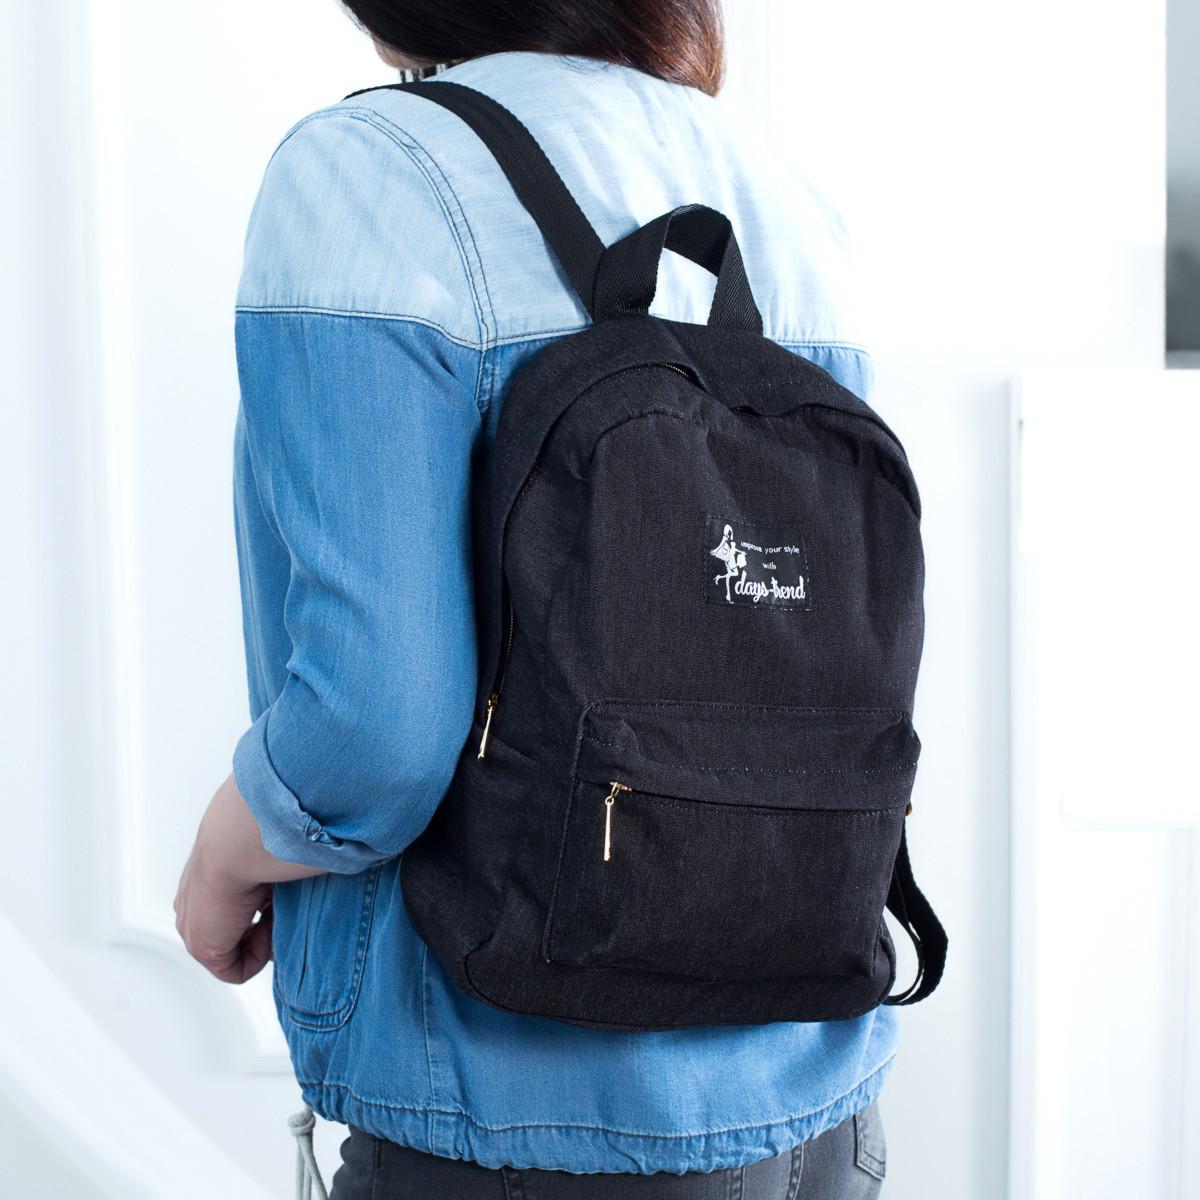 Міський жіночий джинсовий рюкзак Mayers чорний